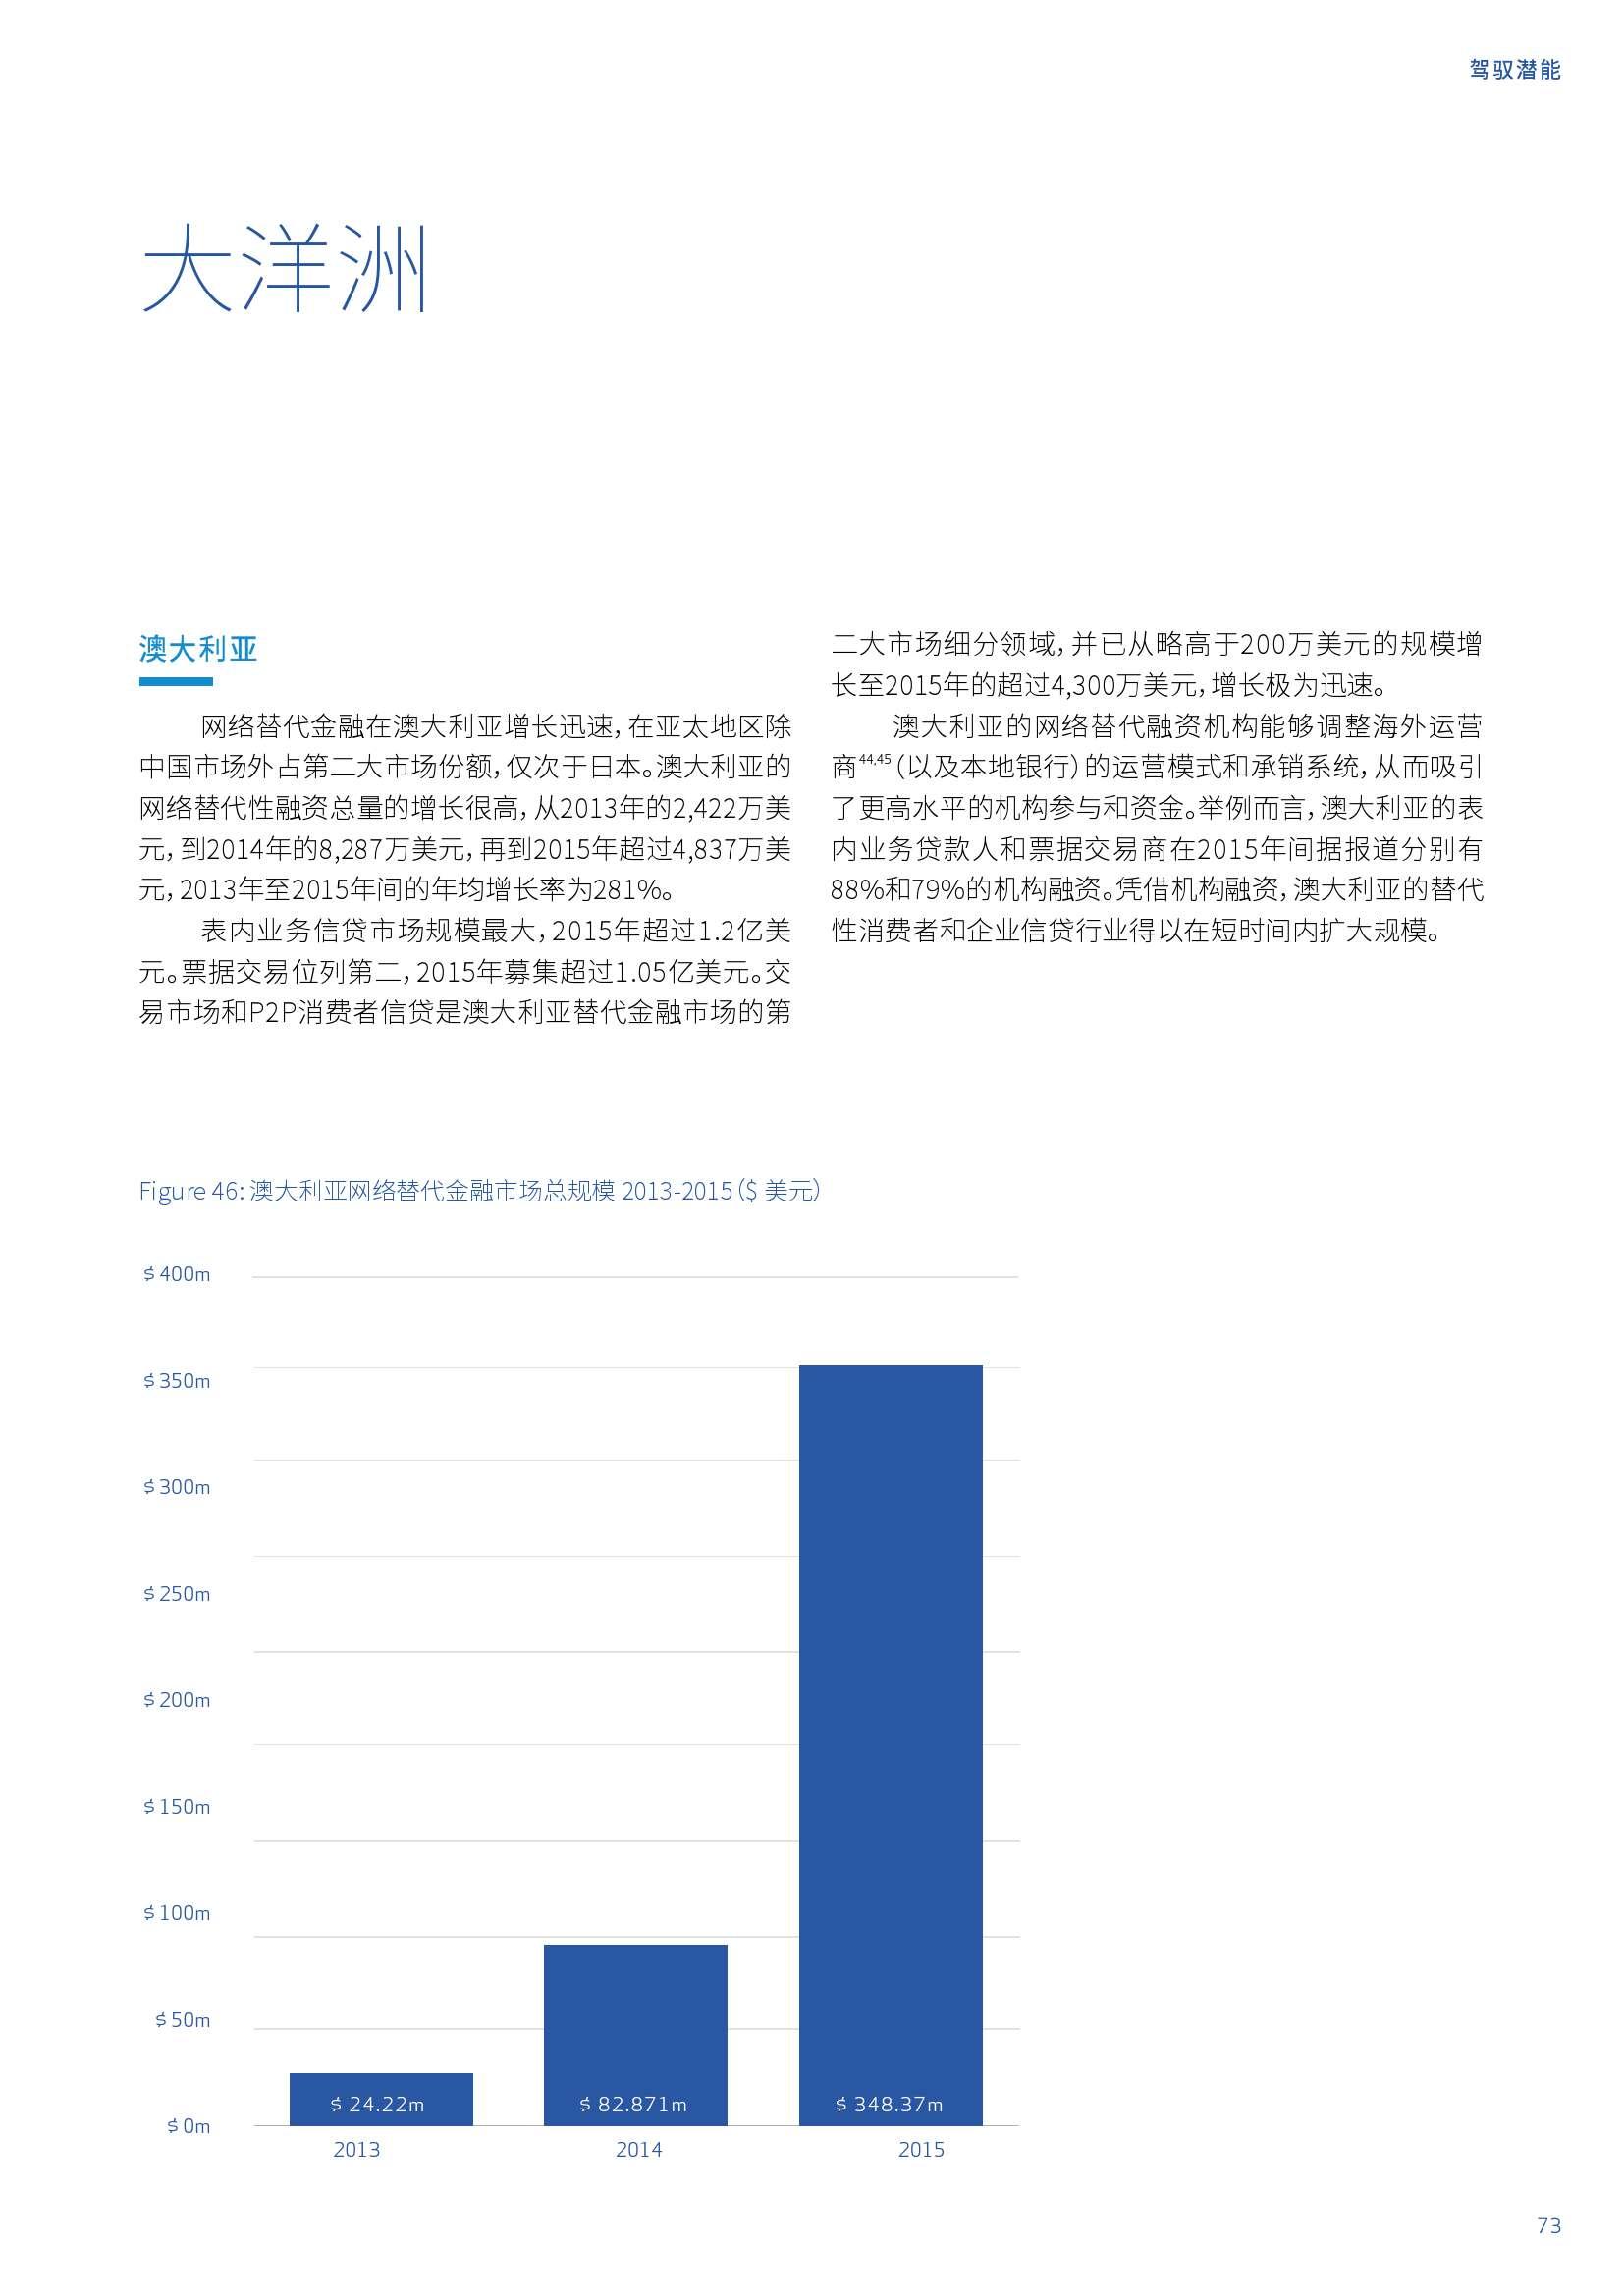 亚太地区网络替代金融基准报告_000073